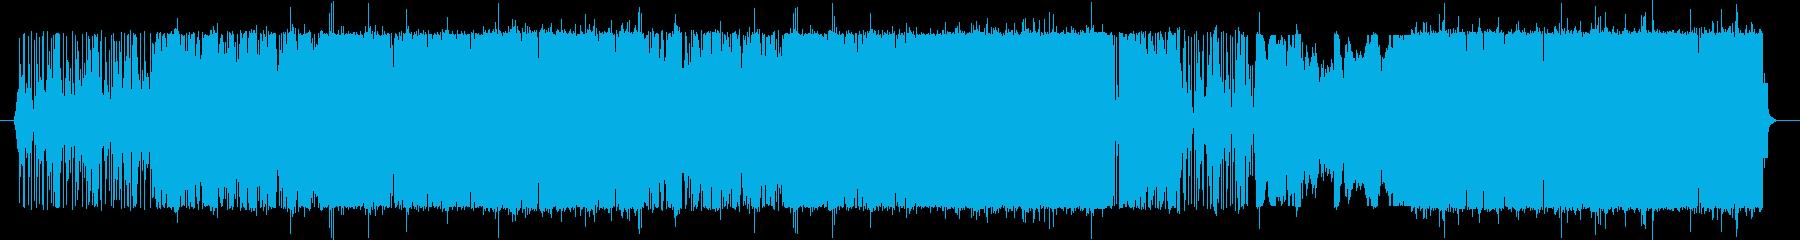 エレクトリックにディープに。の再生済みの波形